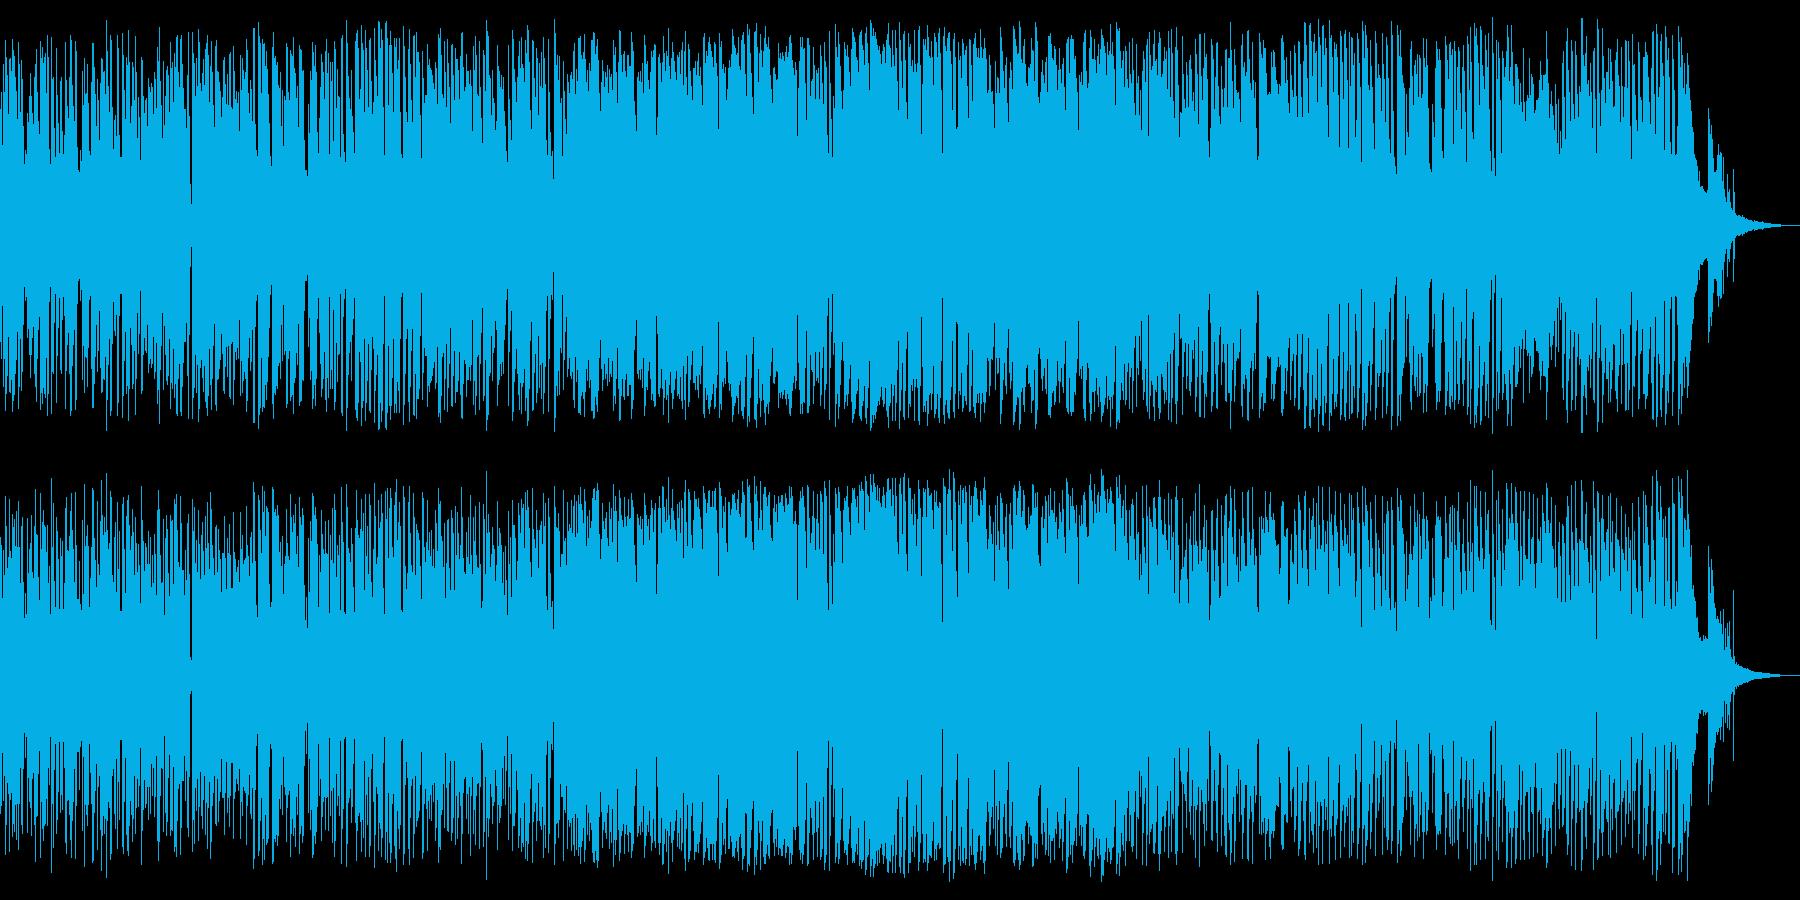 酒場の雰囲気のJazz Bluesですの再生済みの波形